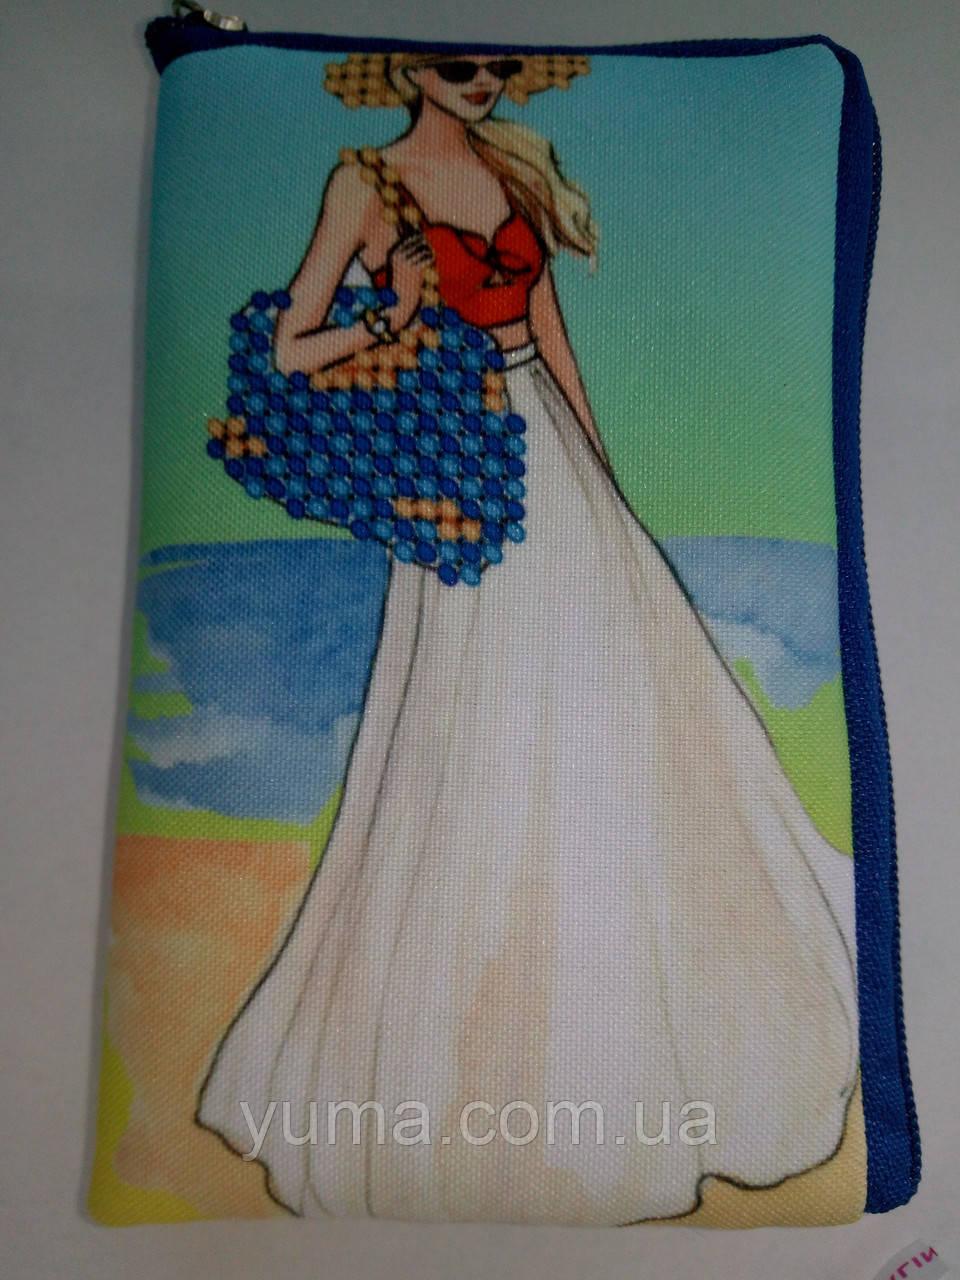 Чехол для вышивки бисером 28 9на15 см